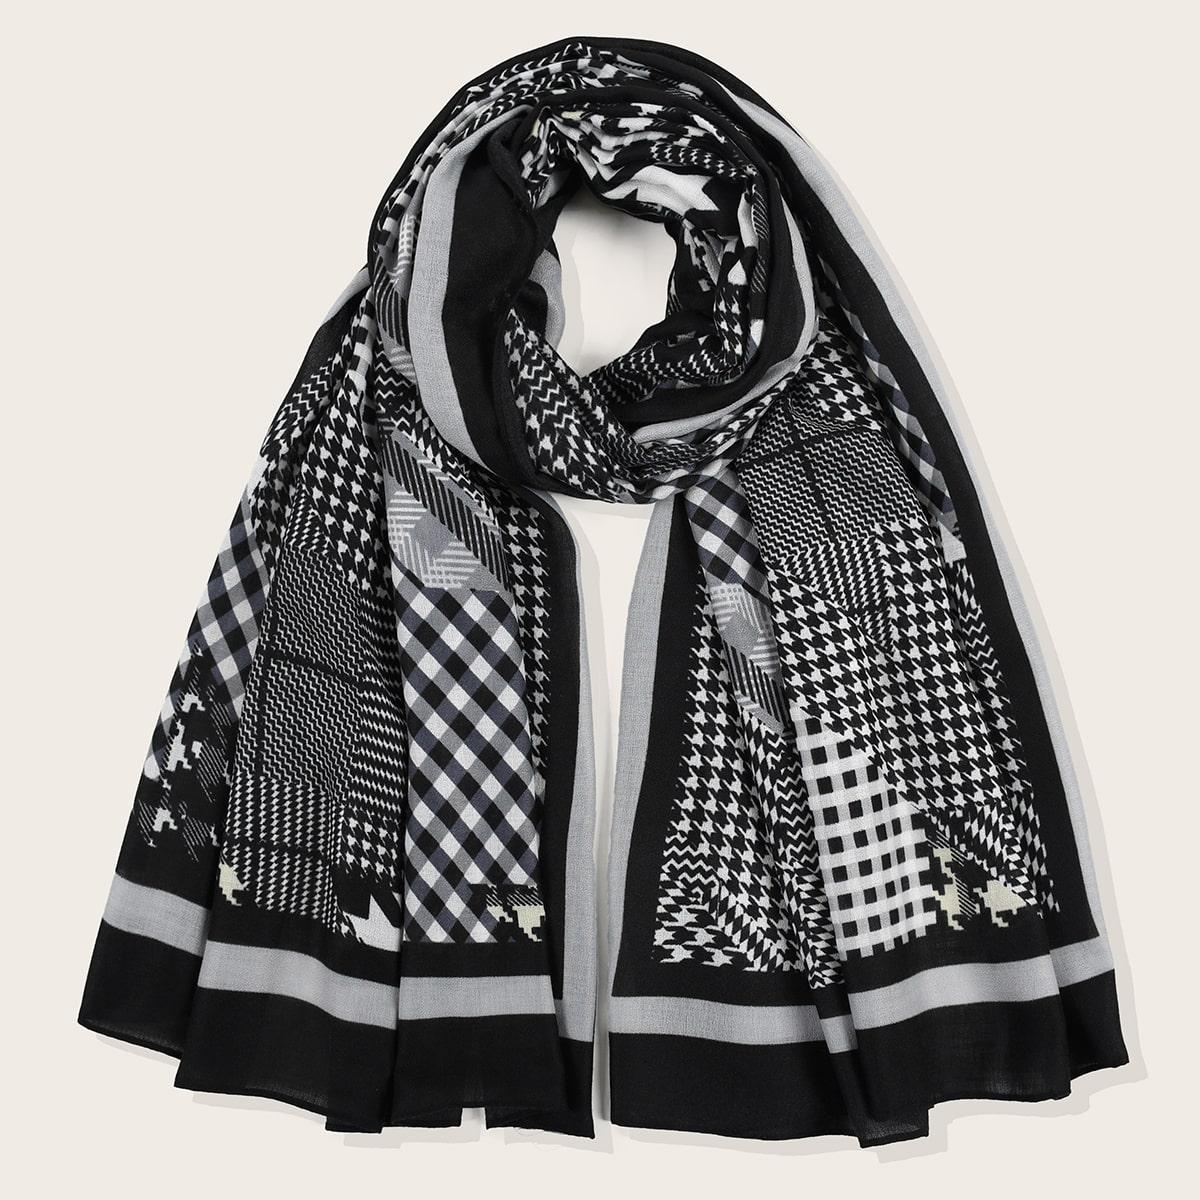 shein Pied-de-poule sjaal met franje zoom